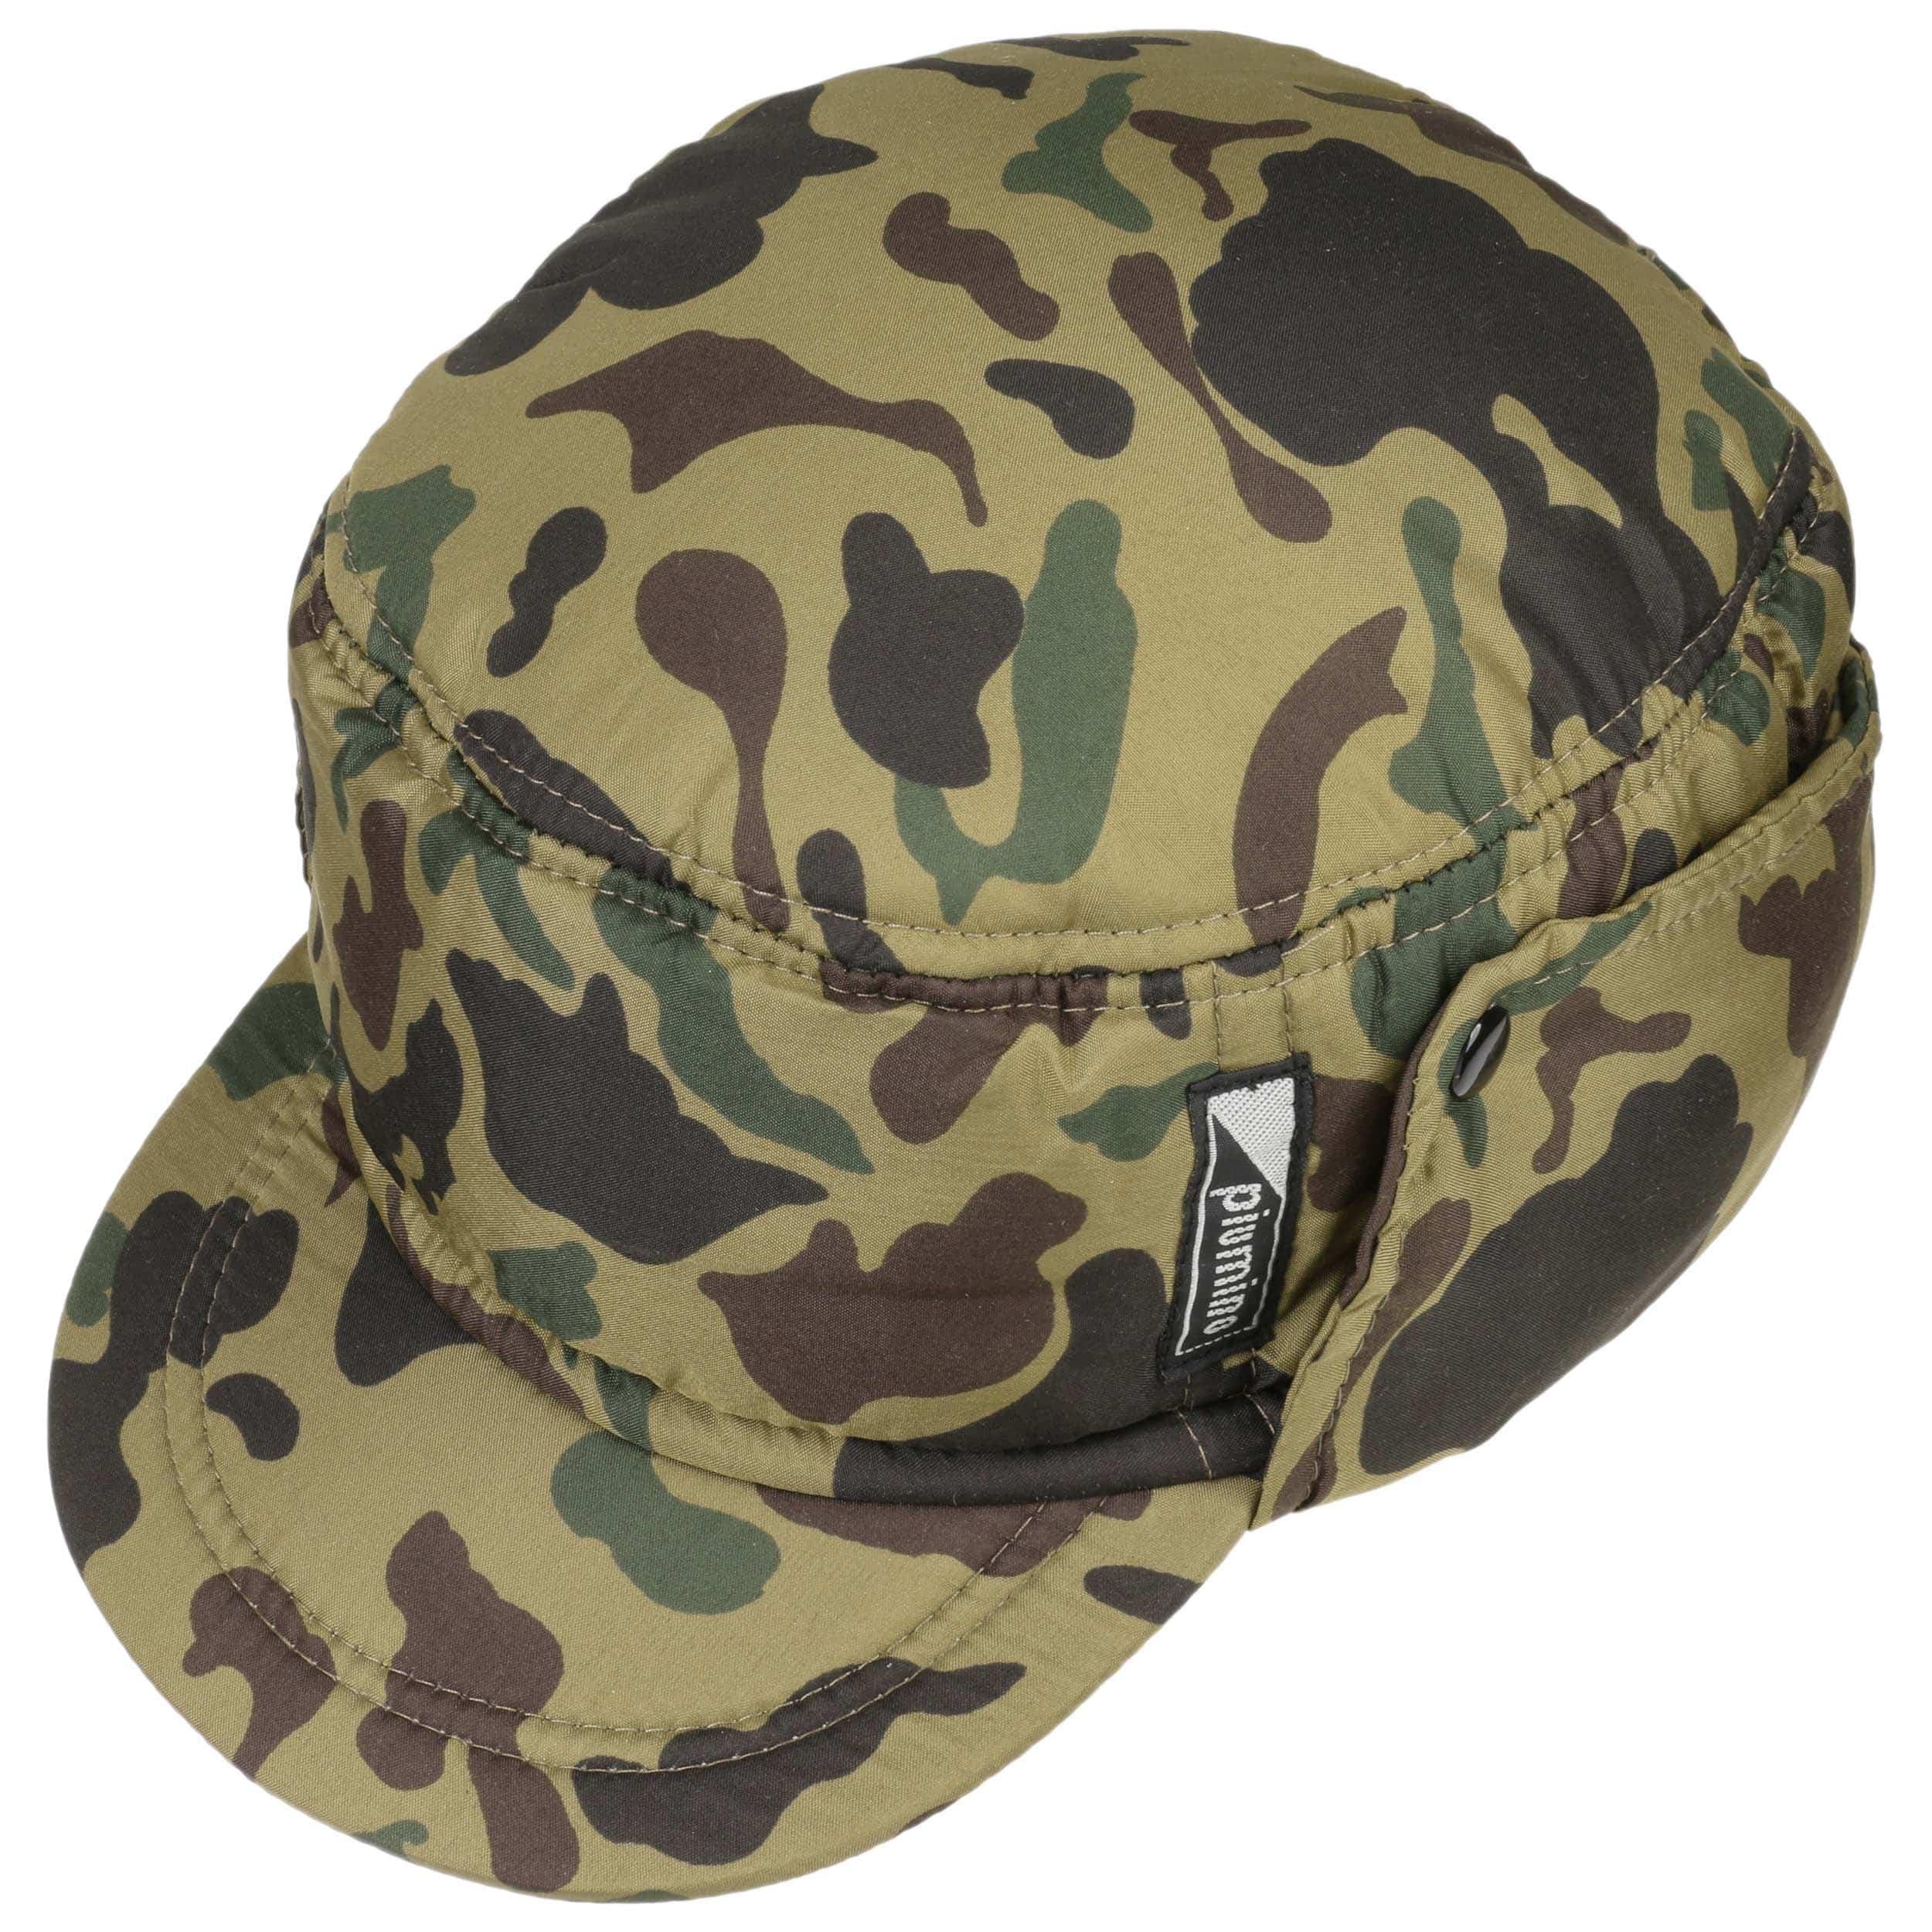 Gorra Militar Camouflage con Orejeras by Lipodo - camuflaje 1 ... f4e8757d958